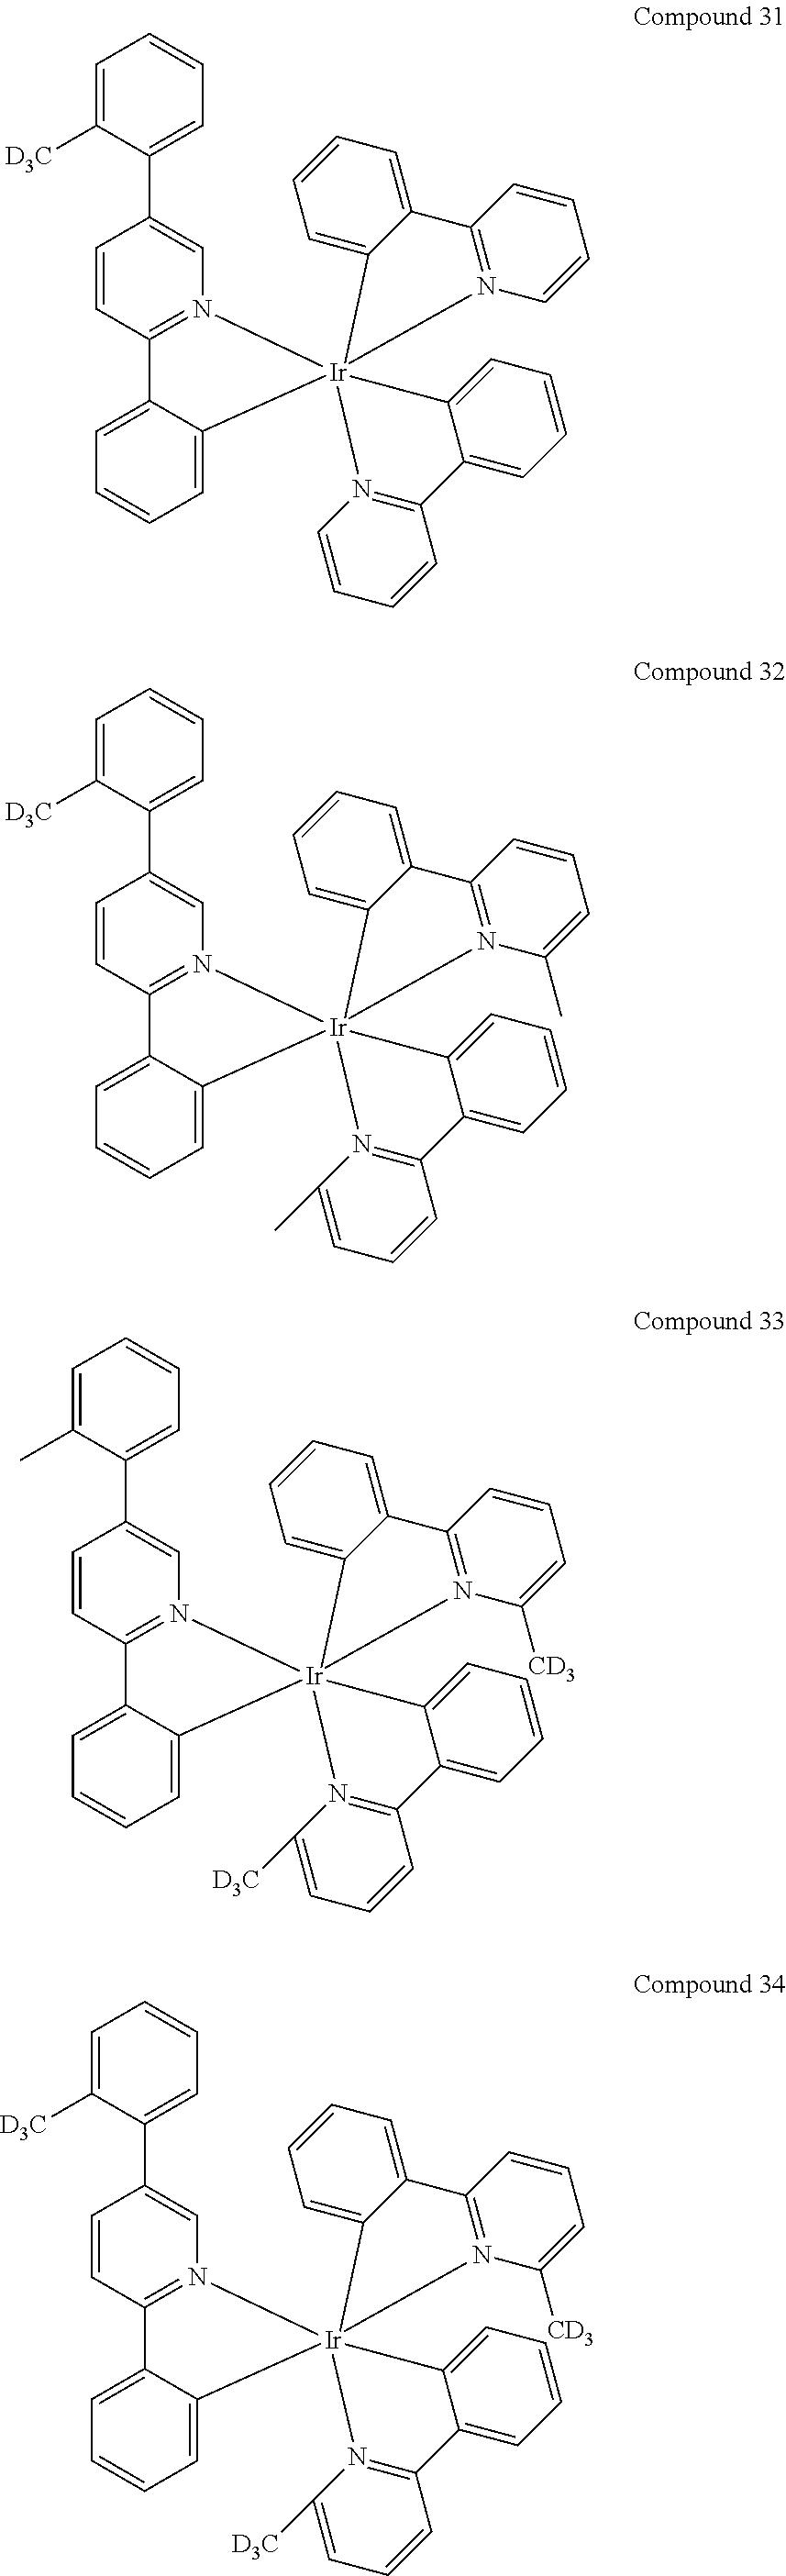 Figure US20100270916A1-20101028-C00189